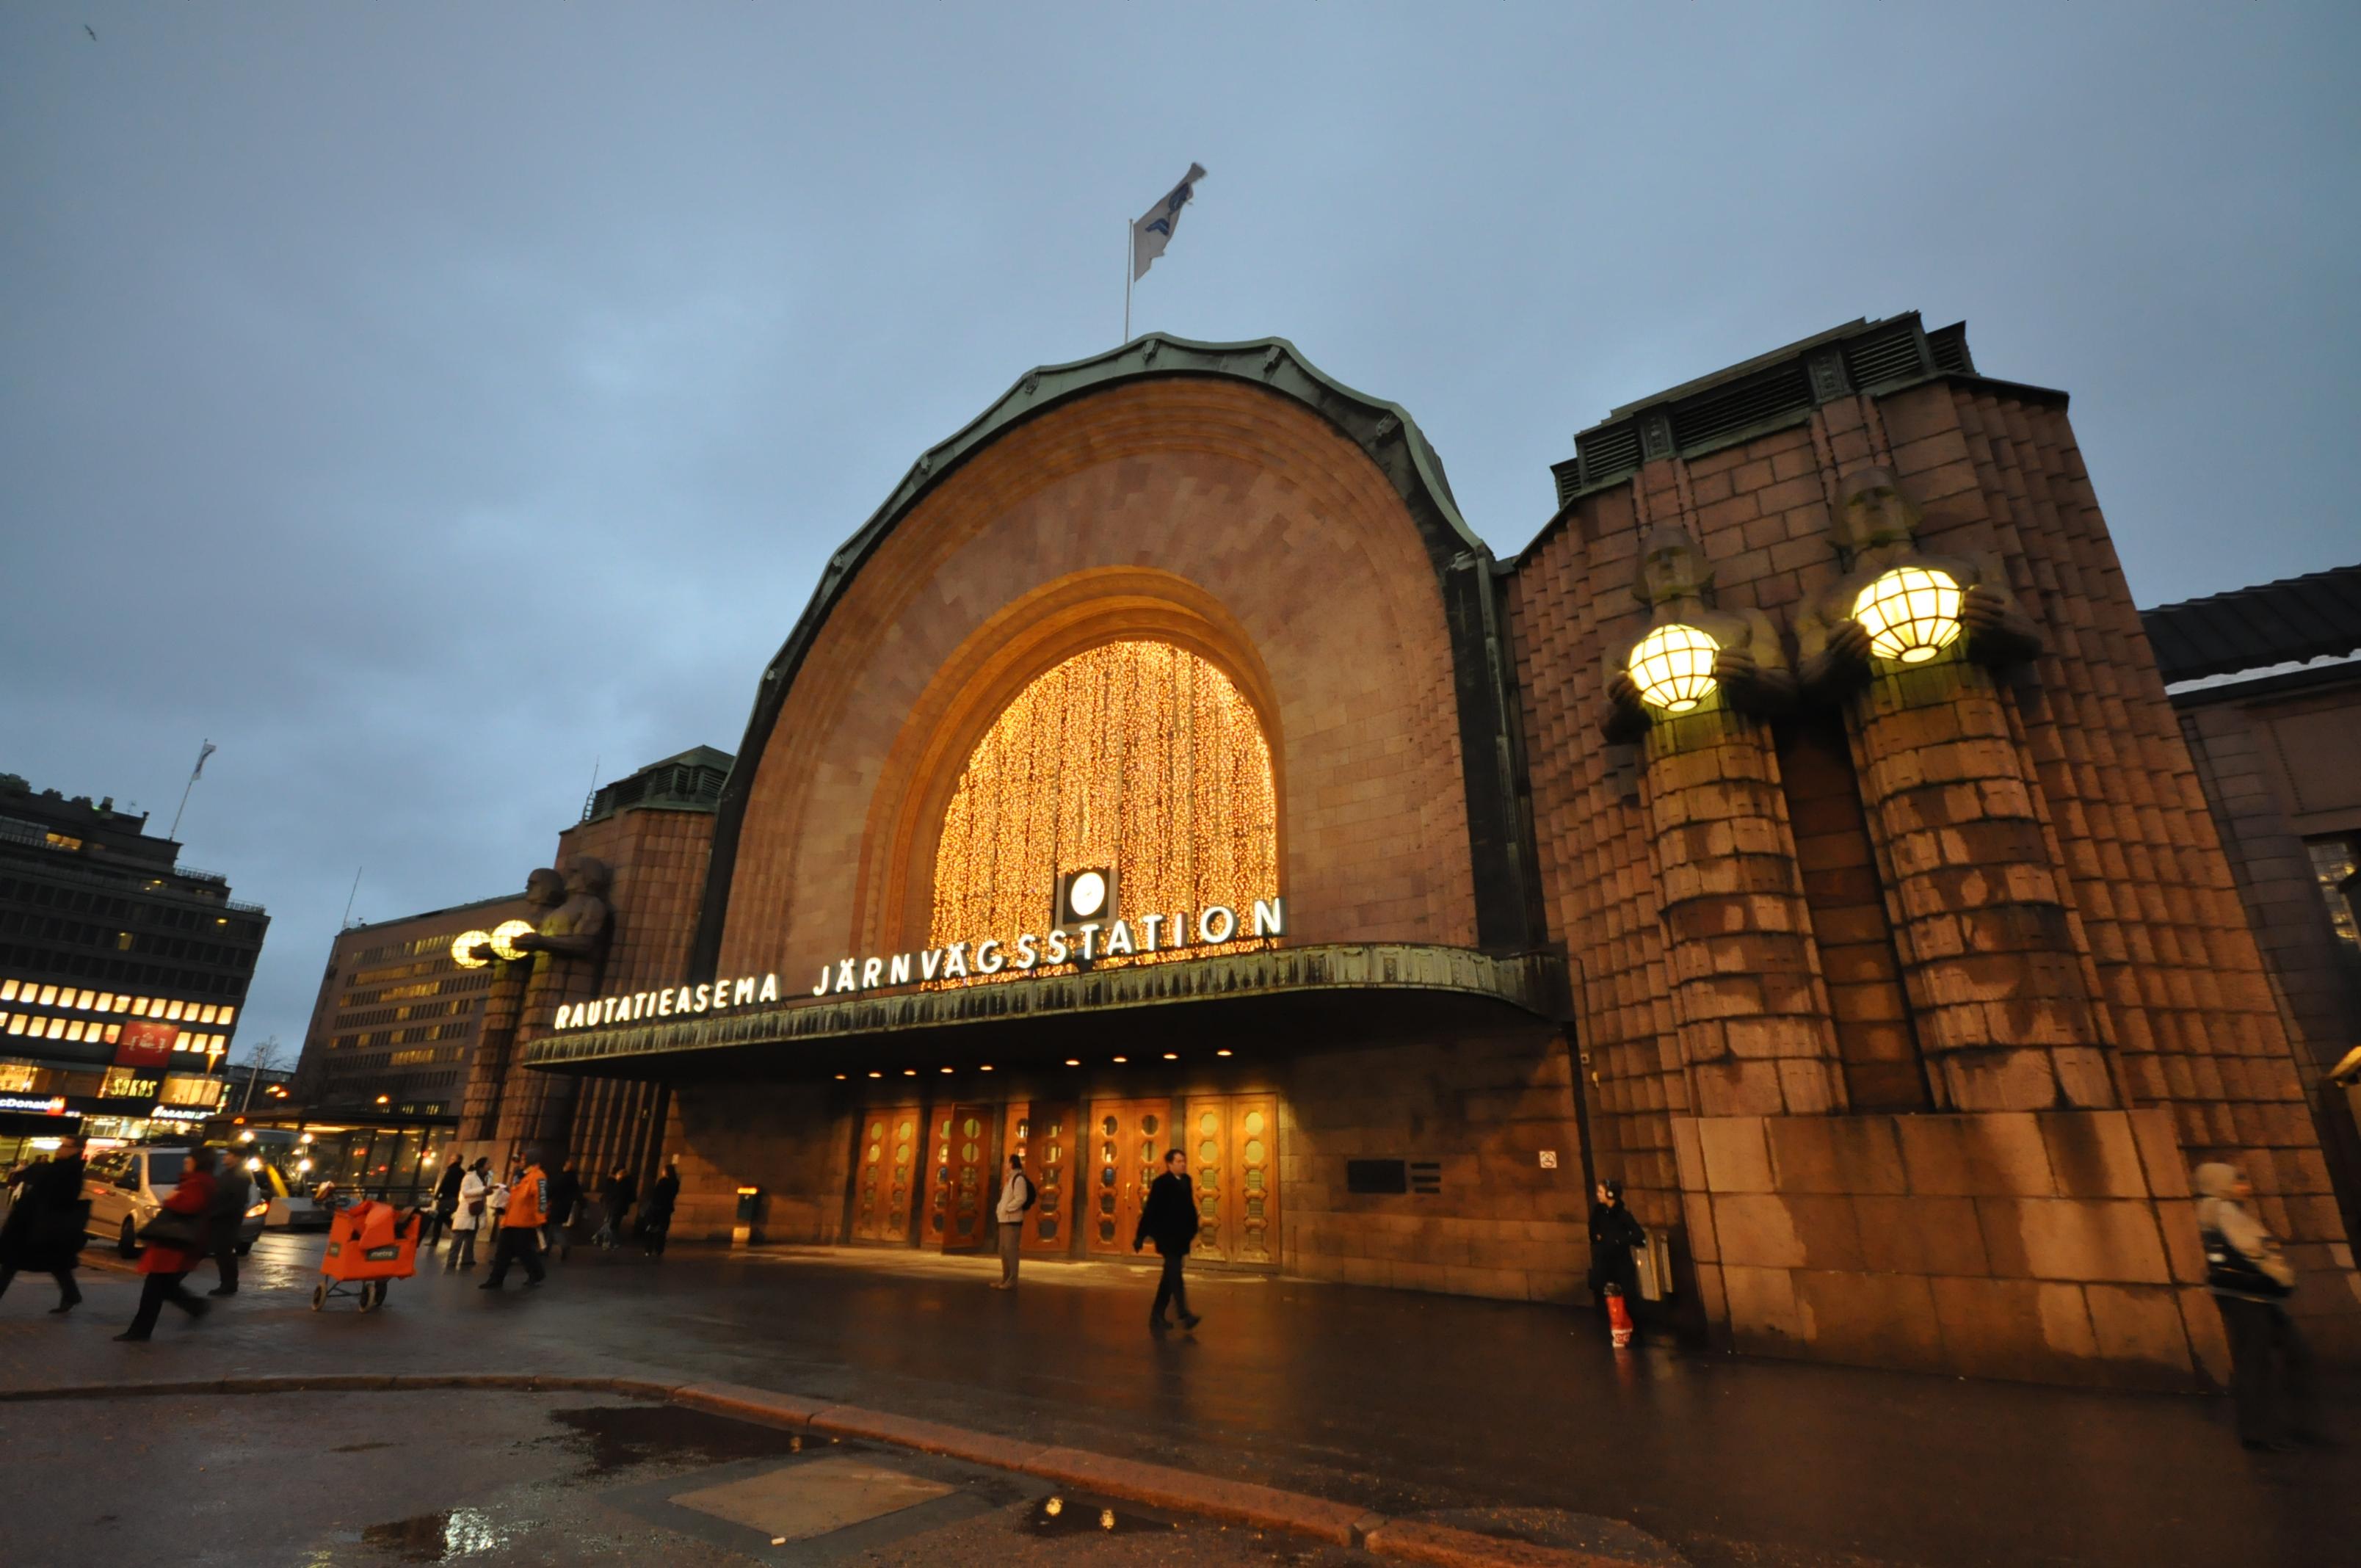 FileLascar Helsingin Rautatieasema Helsinki Central